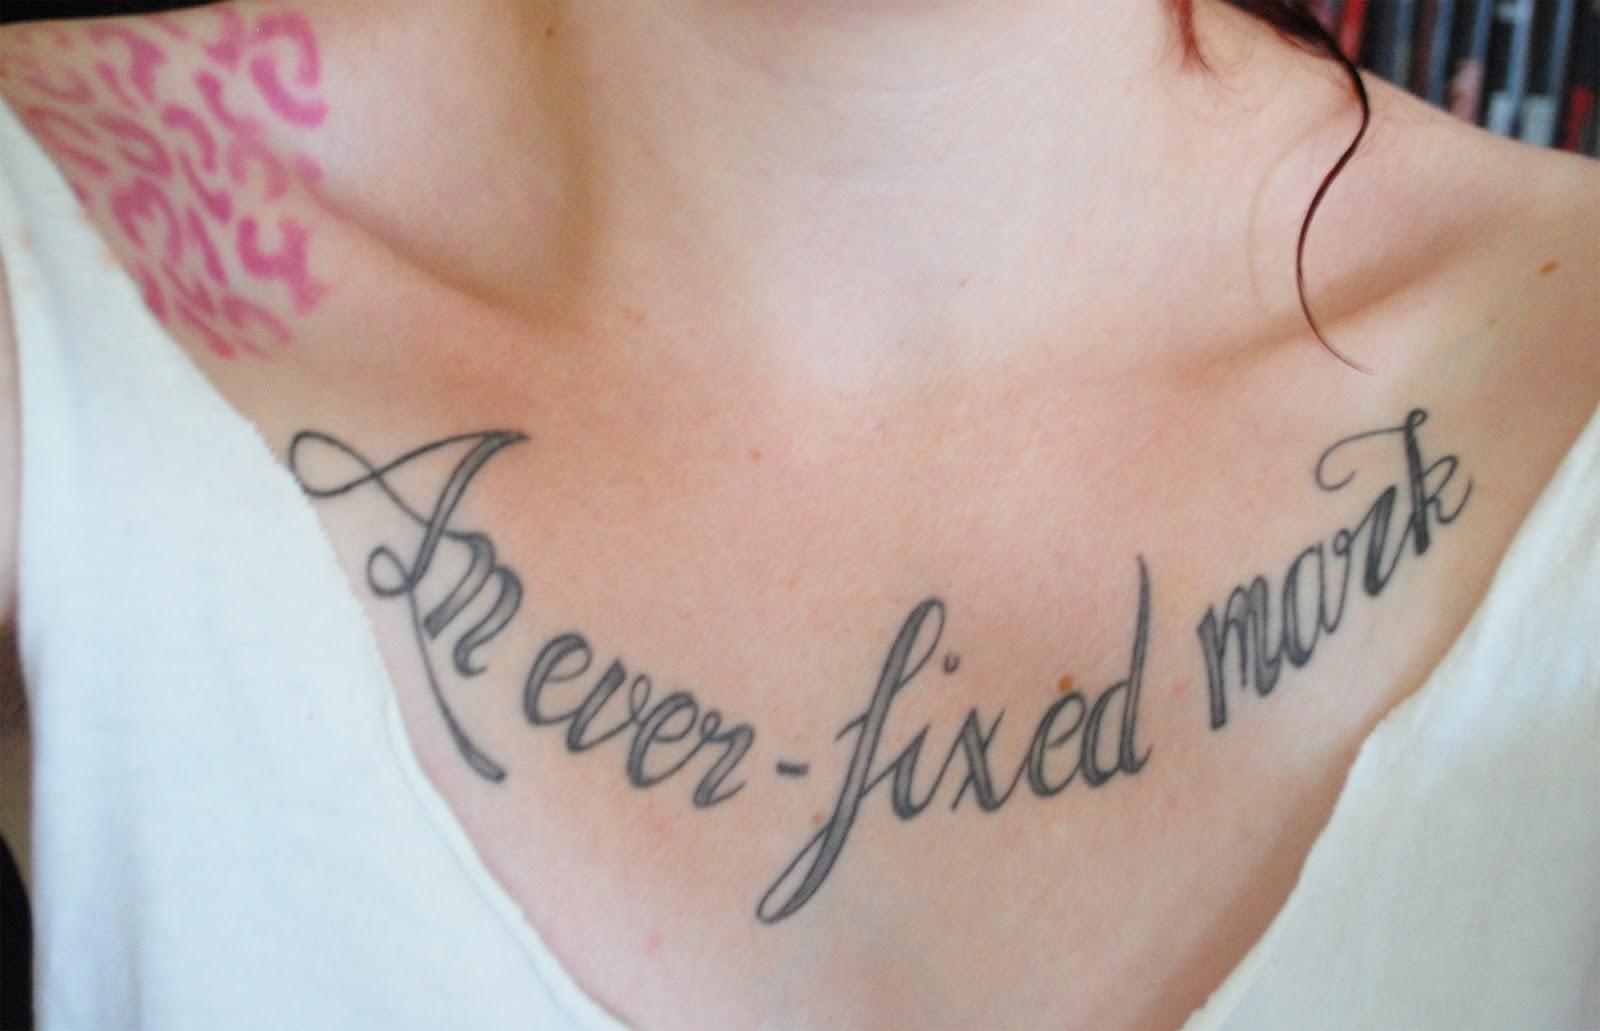 alles über tattoos: before-, while- & after-care - lokalzeit ... - Tattoos Für Köche